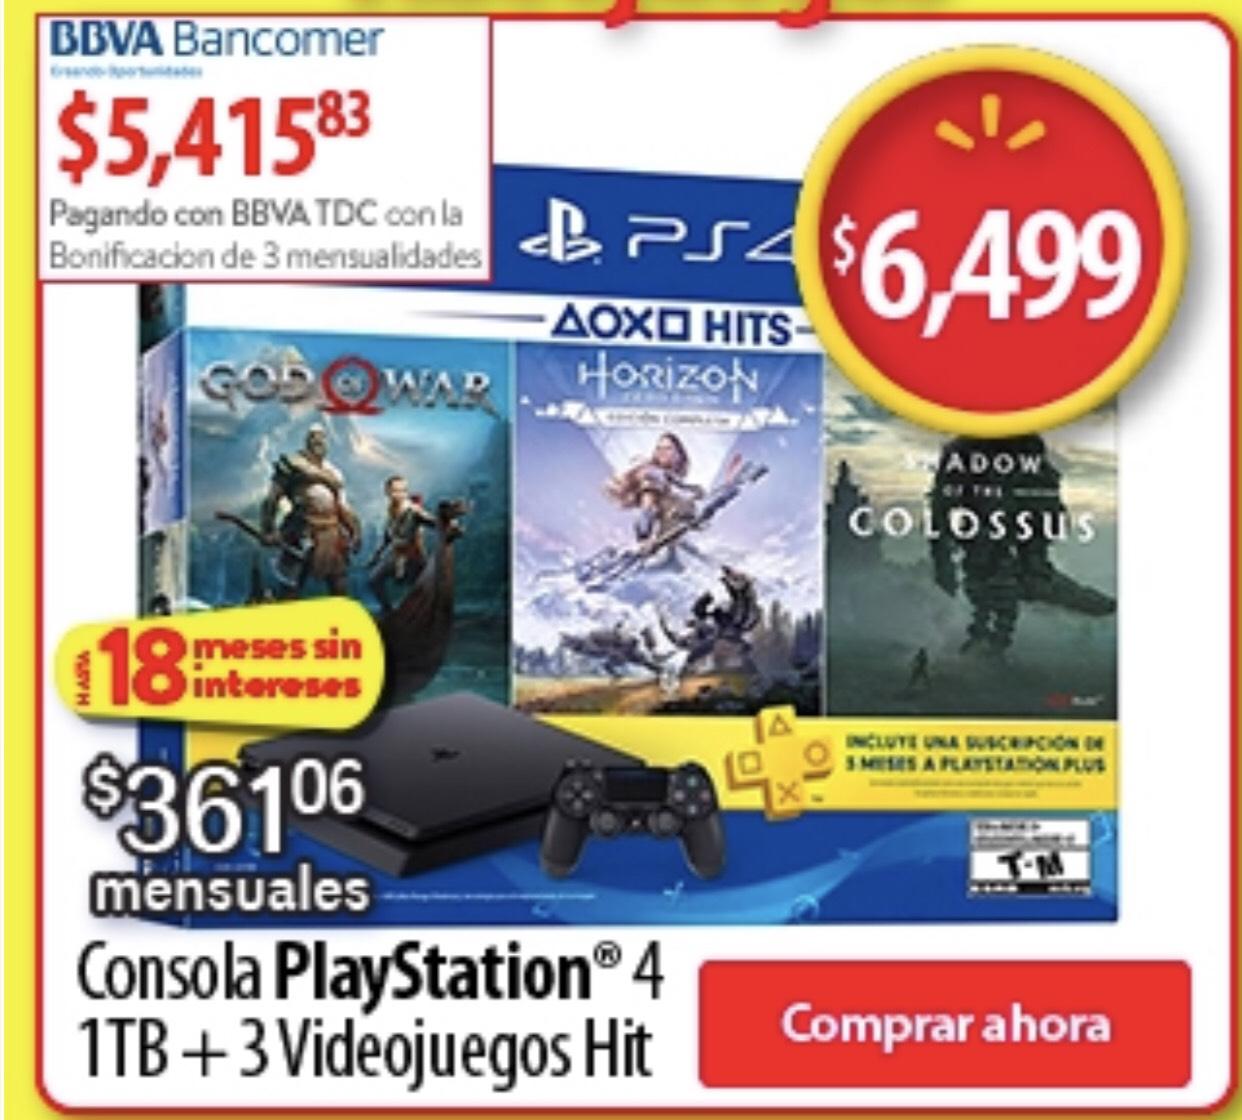 Buen Fin 2018 en Walmart: Consola Playstation 4 1TB + 3 Juegos (Pagando con Bancomer)